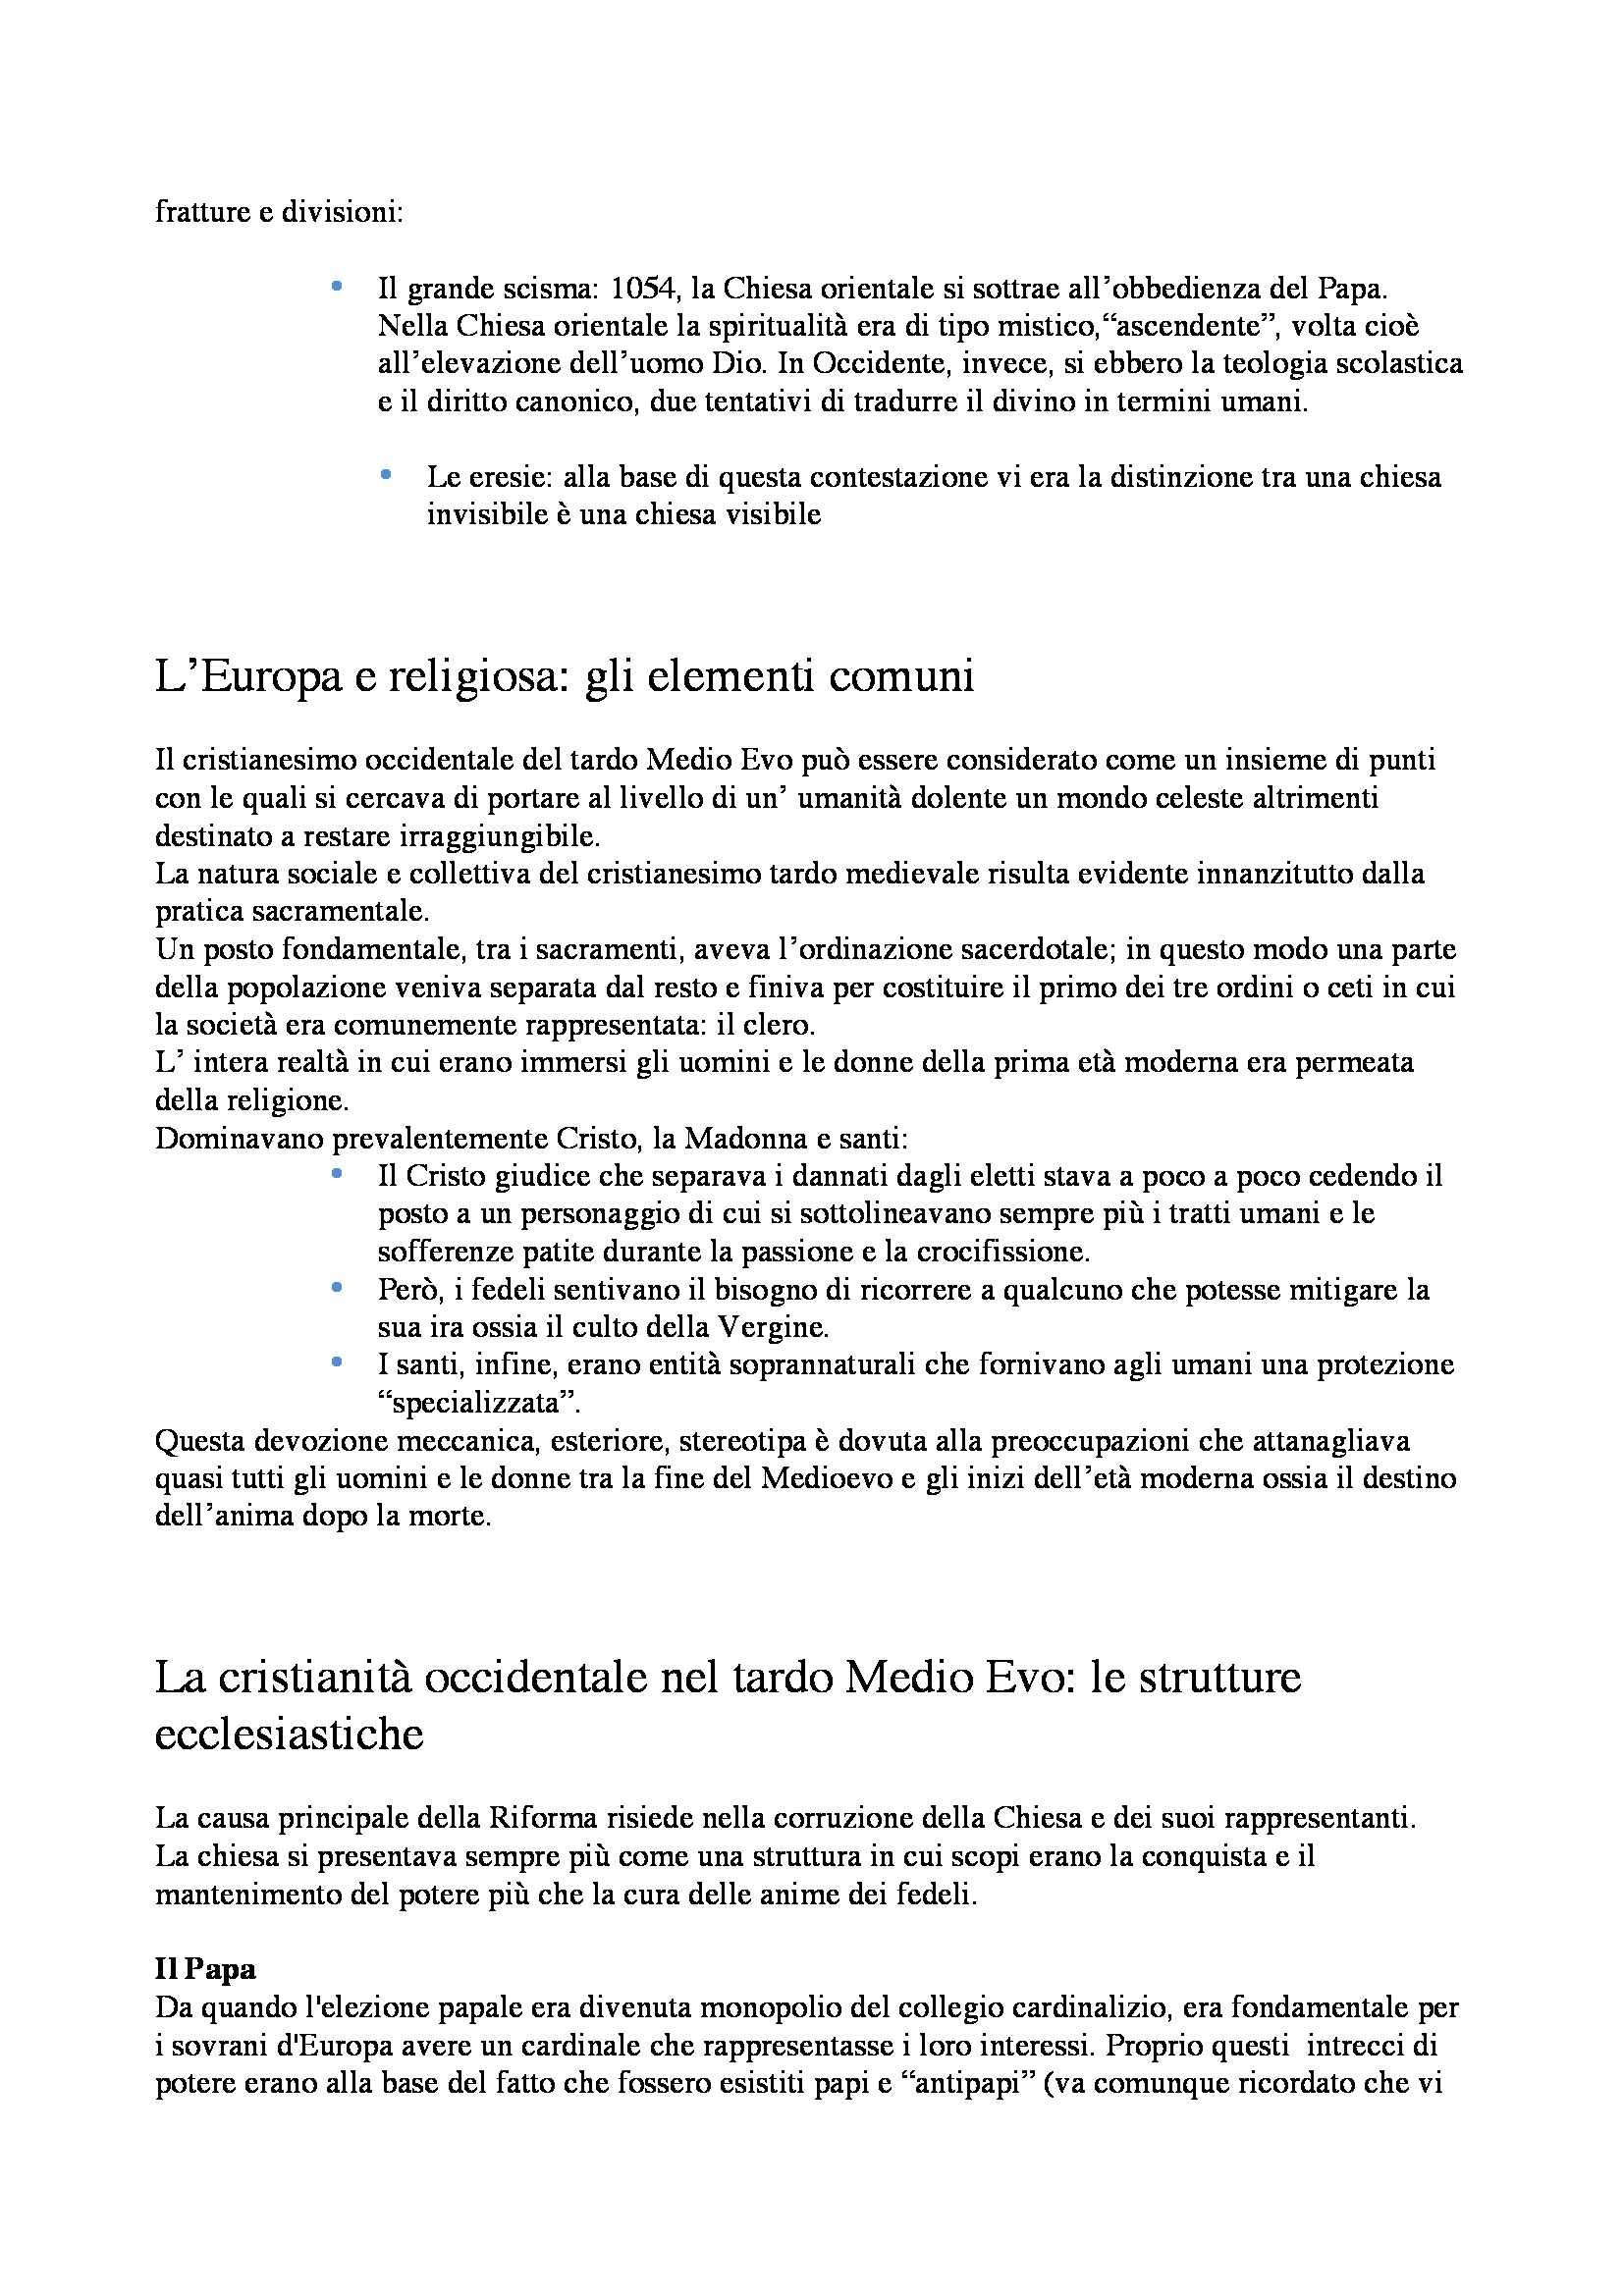 Riassunto esame Storia Moderna: Martin Lutero, prof. Dall'Olio Pag. 2